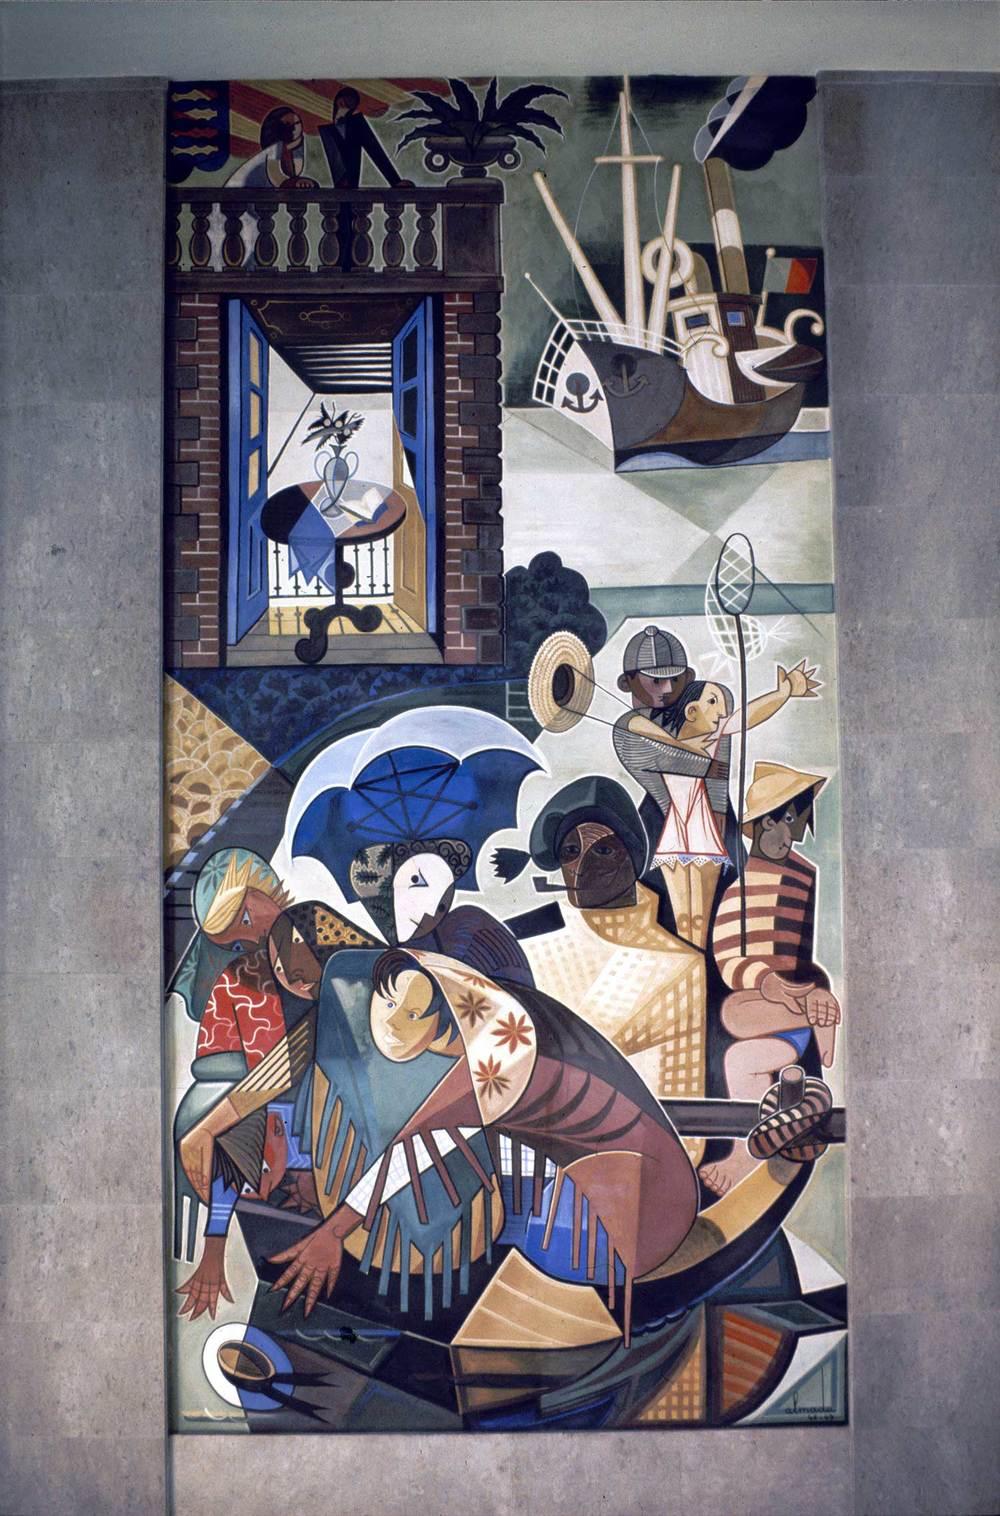 Gare Marítima da Rocha do Conde de Óbidos, Lisbon Artist: José de Almada Negreiros  Photo: Mário Novais, ca. 1943-1945, Lisbon  [CFT003_098029]